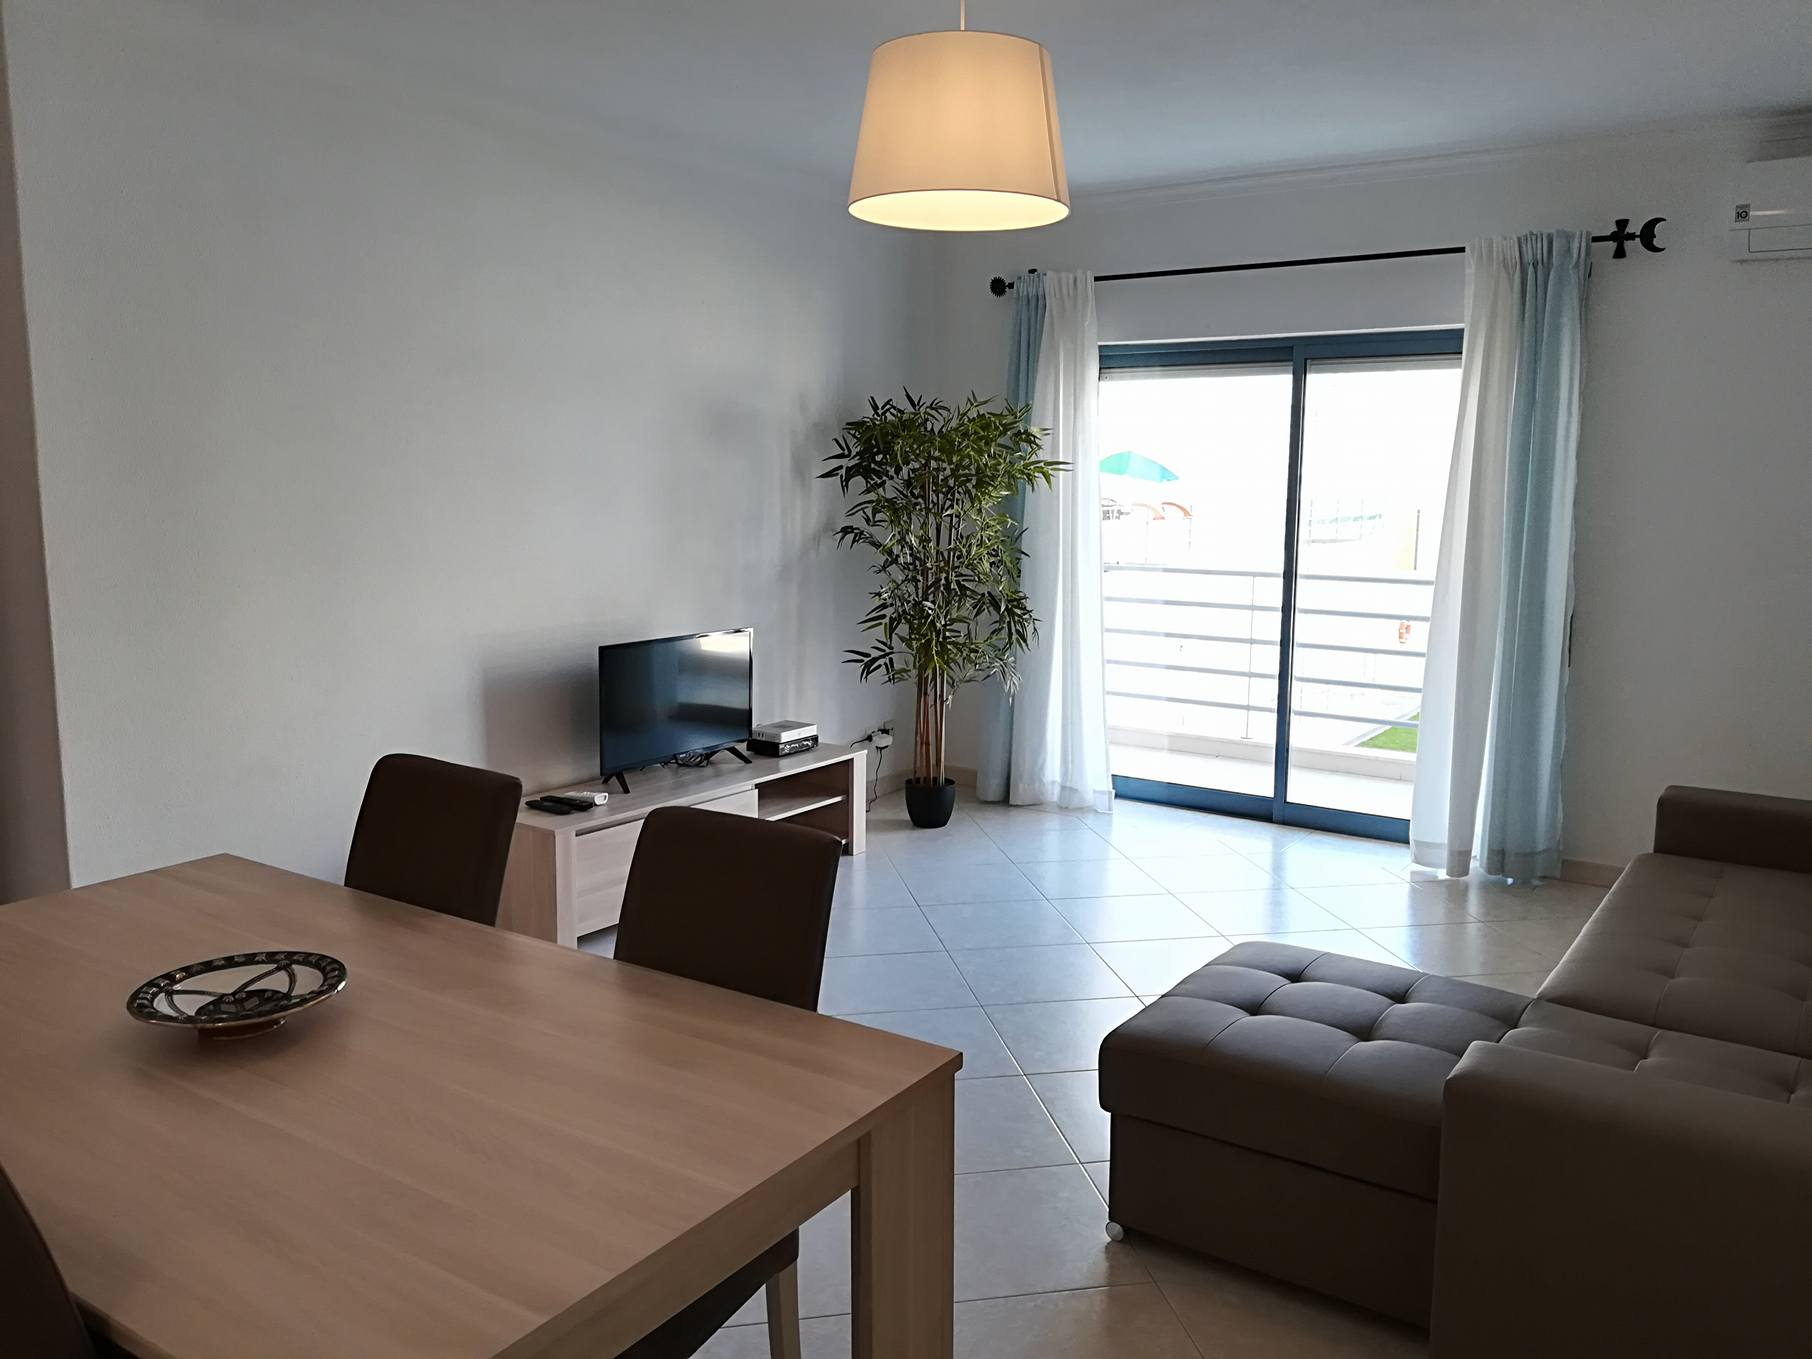 Location appartements et villas de vacance, Vila Nova II à Armação de Pêra, Portugal Algarve, REF_IMG_5826_5832